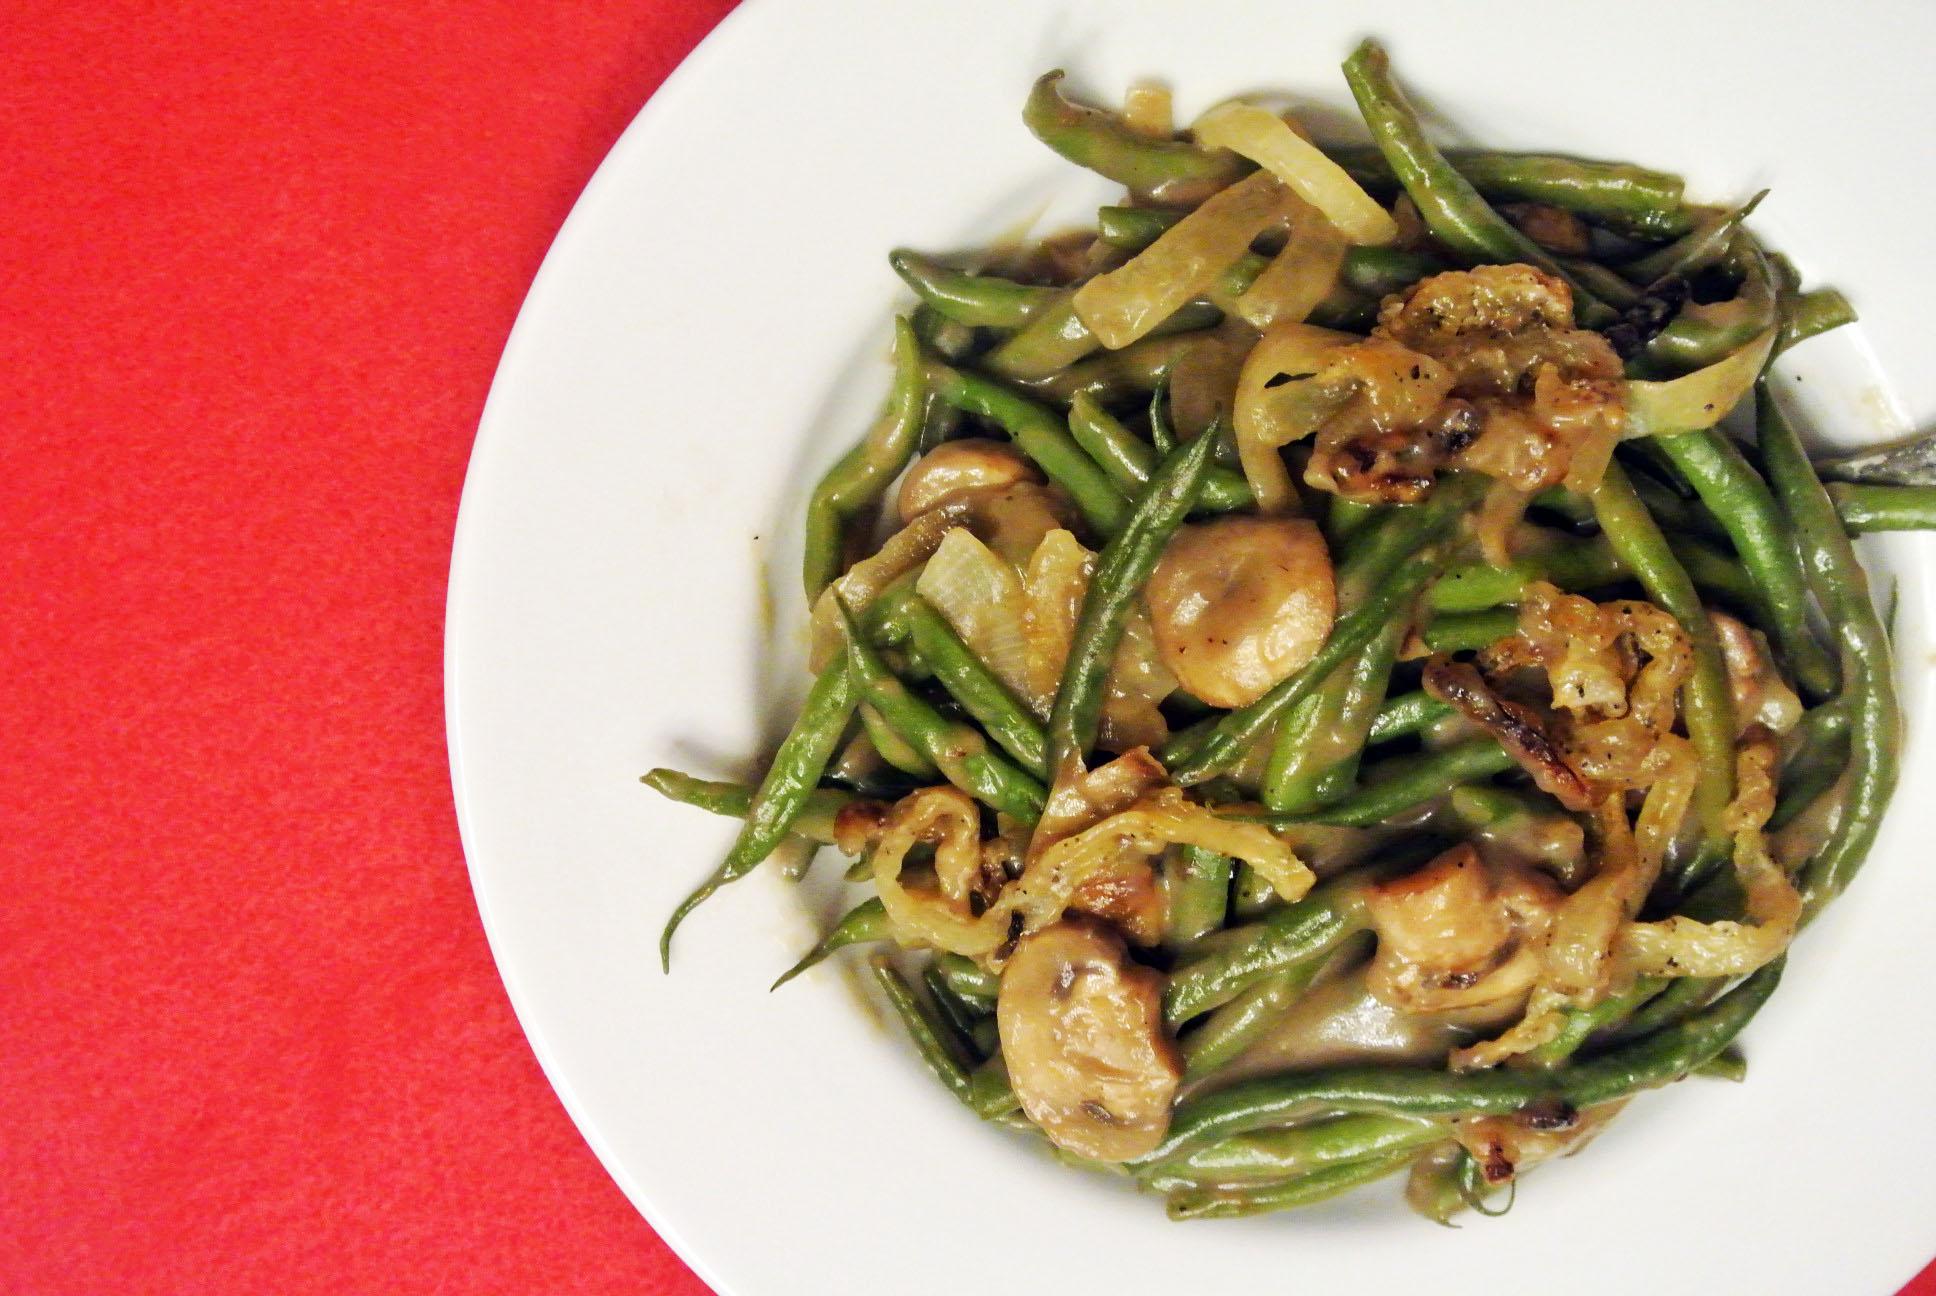 Green Bean Casserole; gluten free, dairy free, soy free nut free, corn free recipe